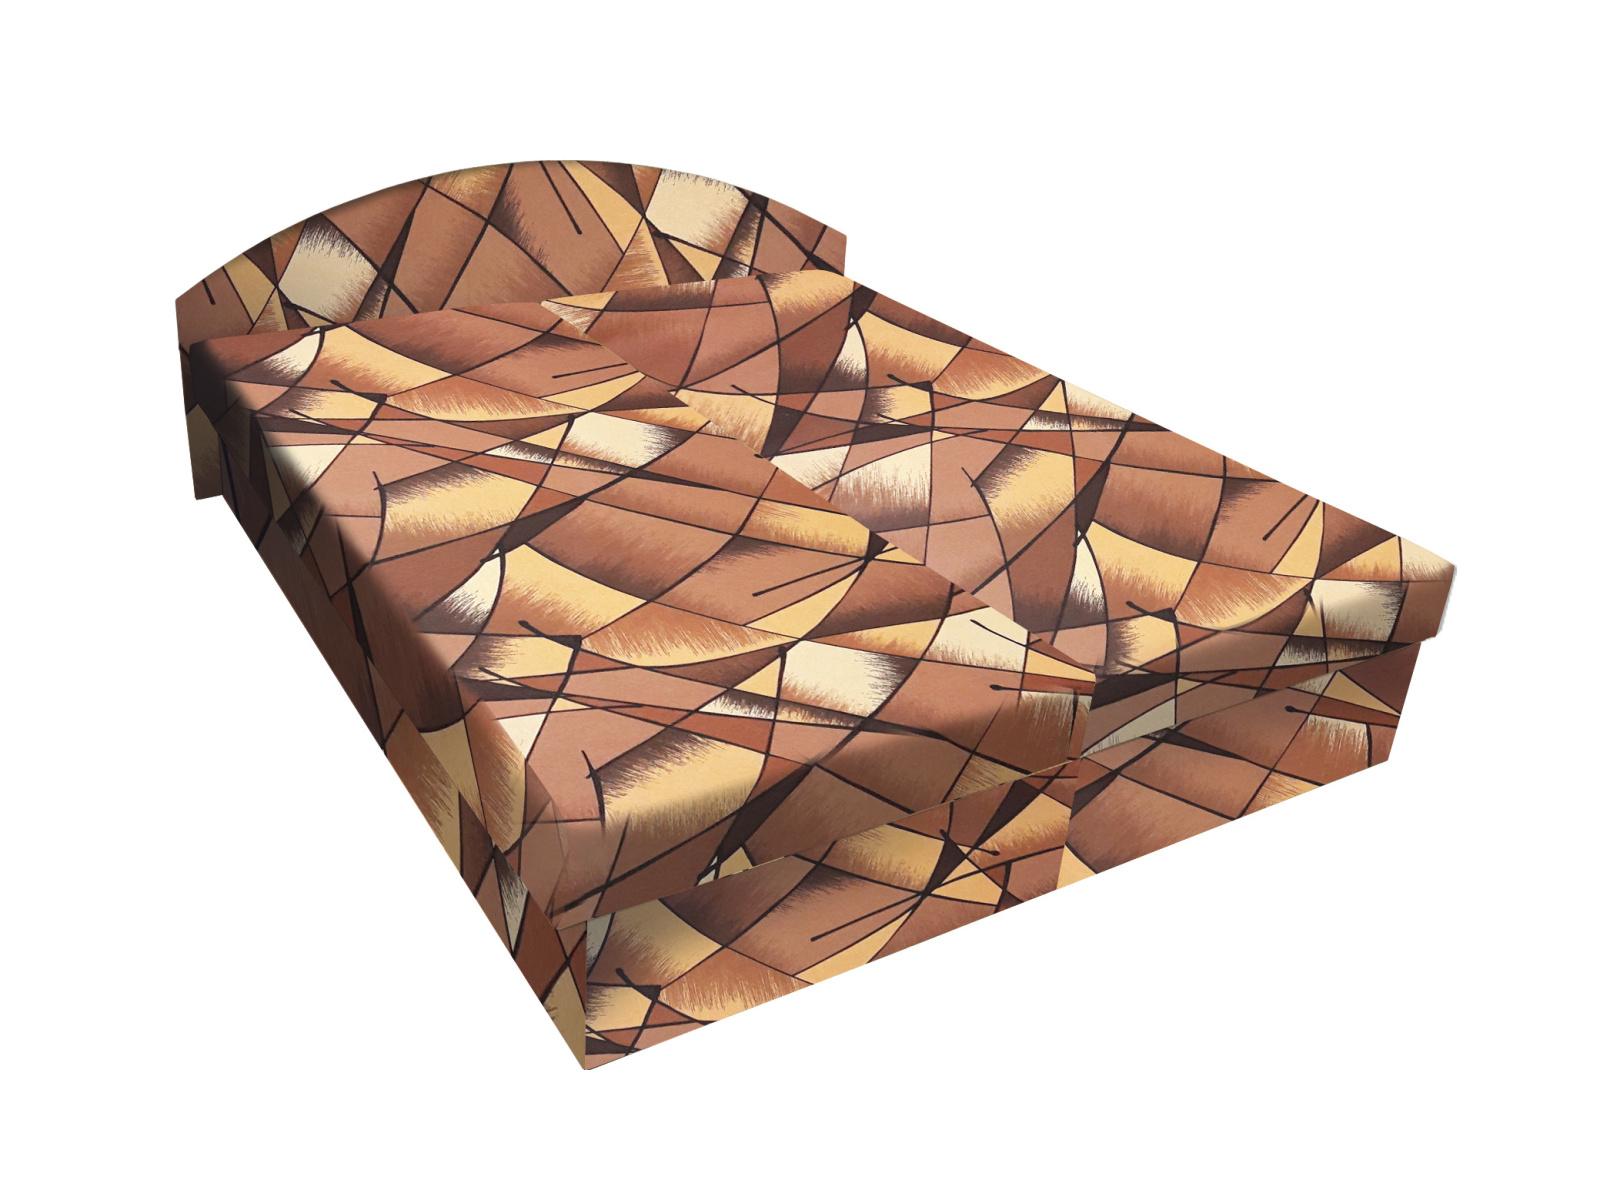 Smartshop Čalouněná postel ÁJA 120x200 cm, hnědožlutá látka